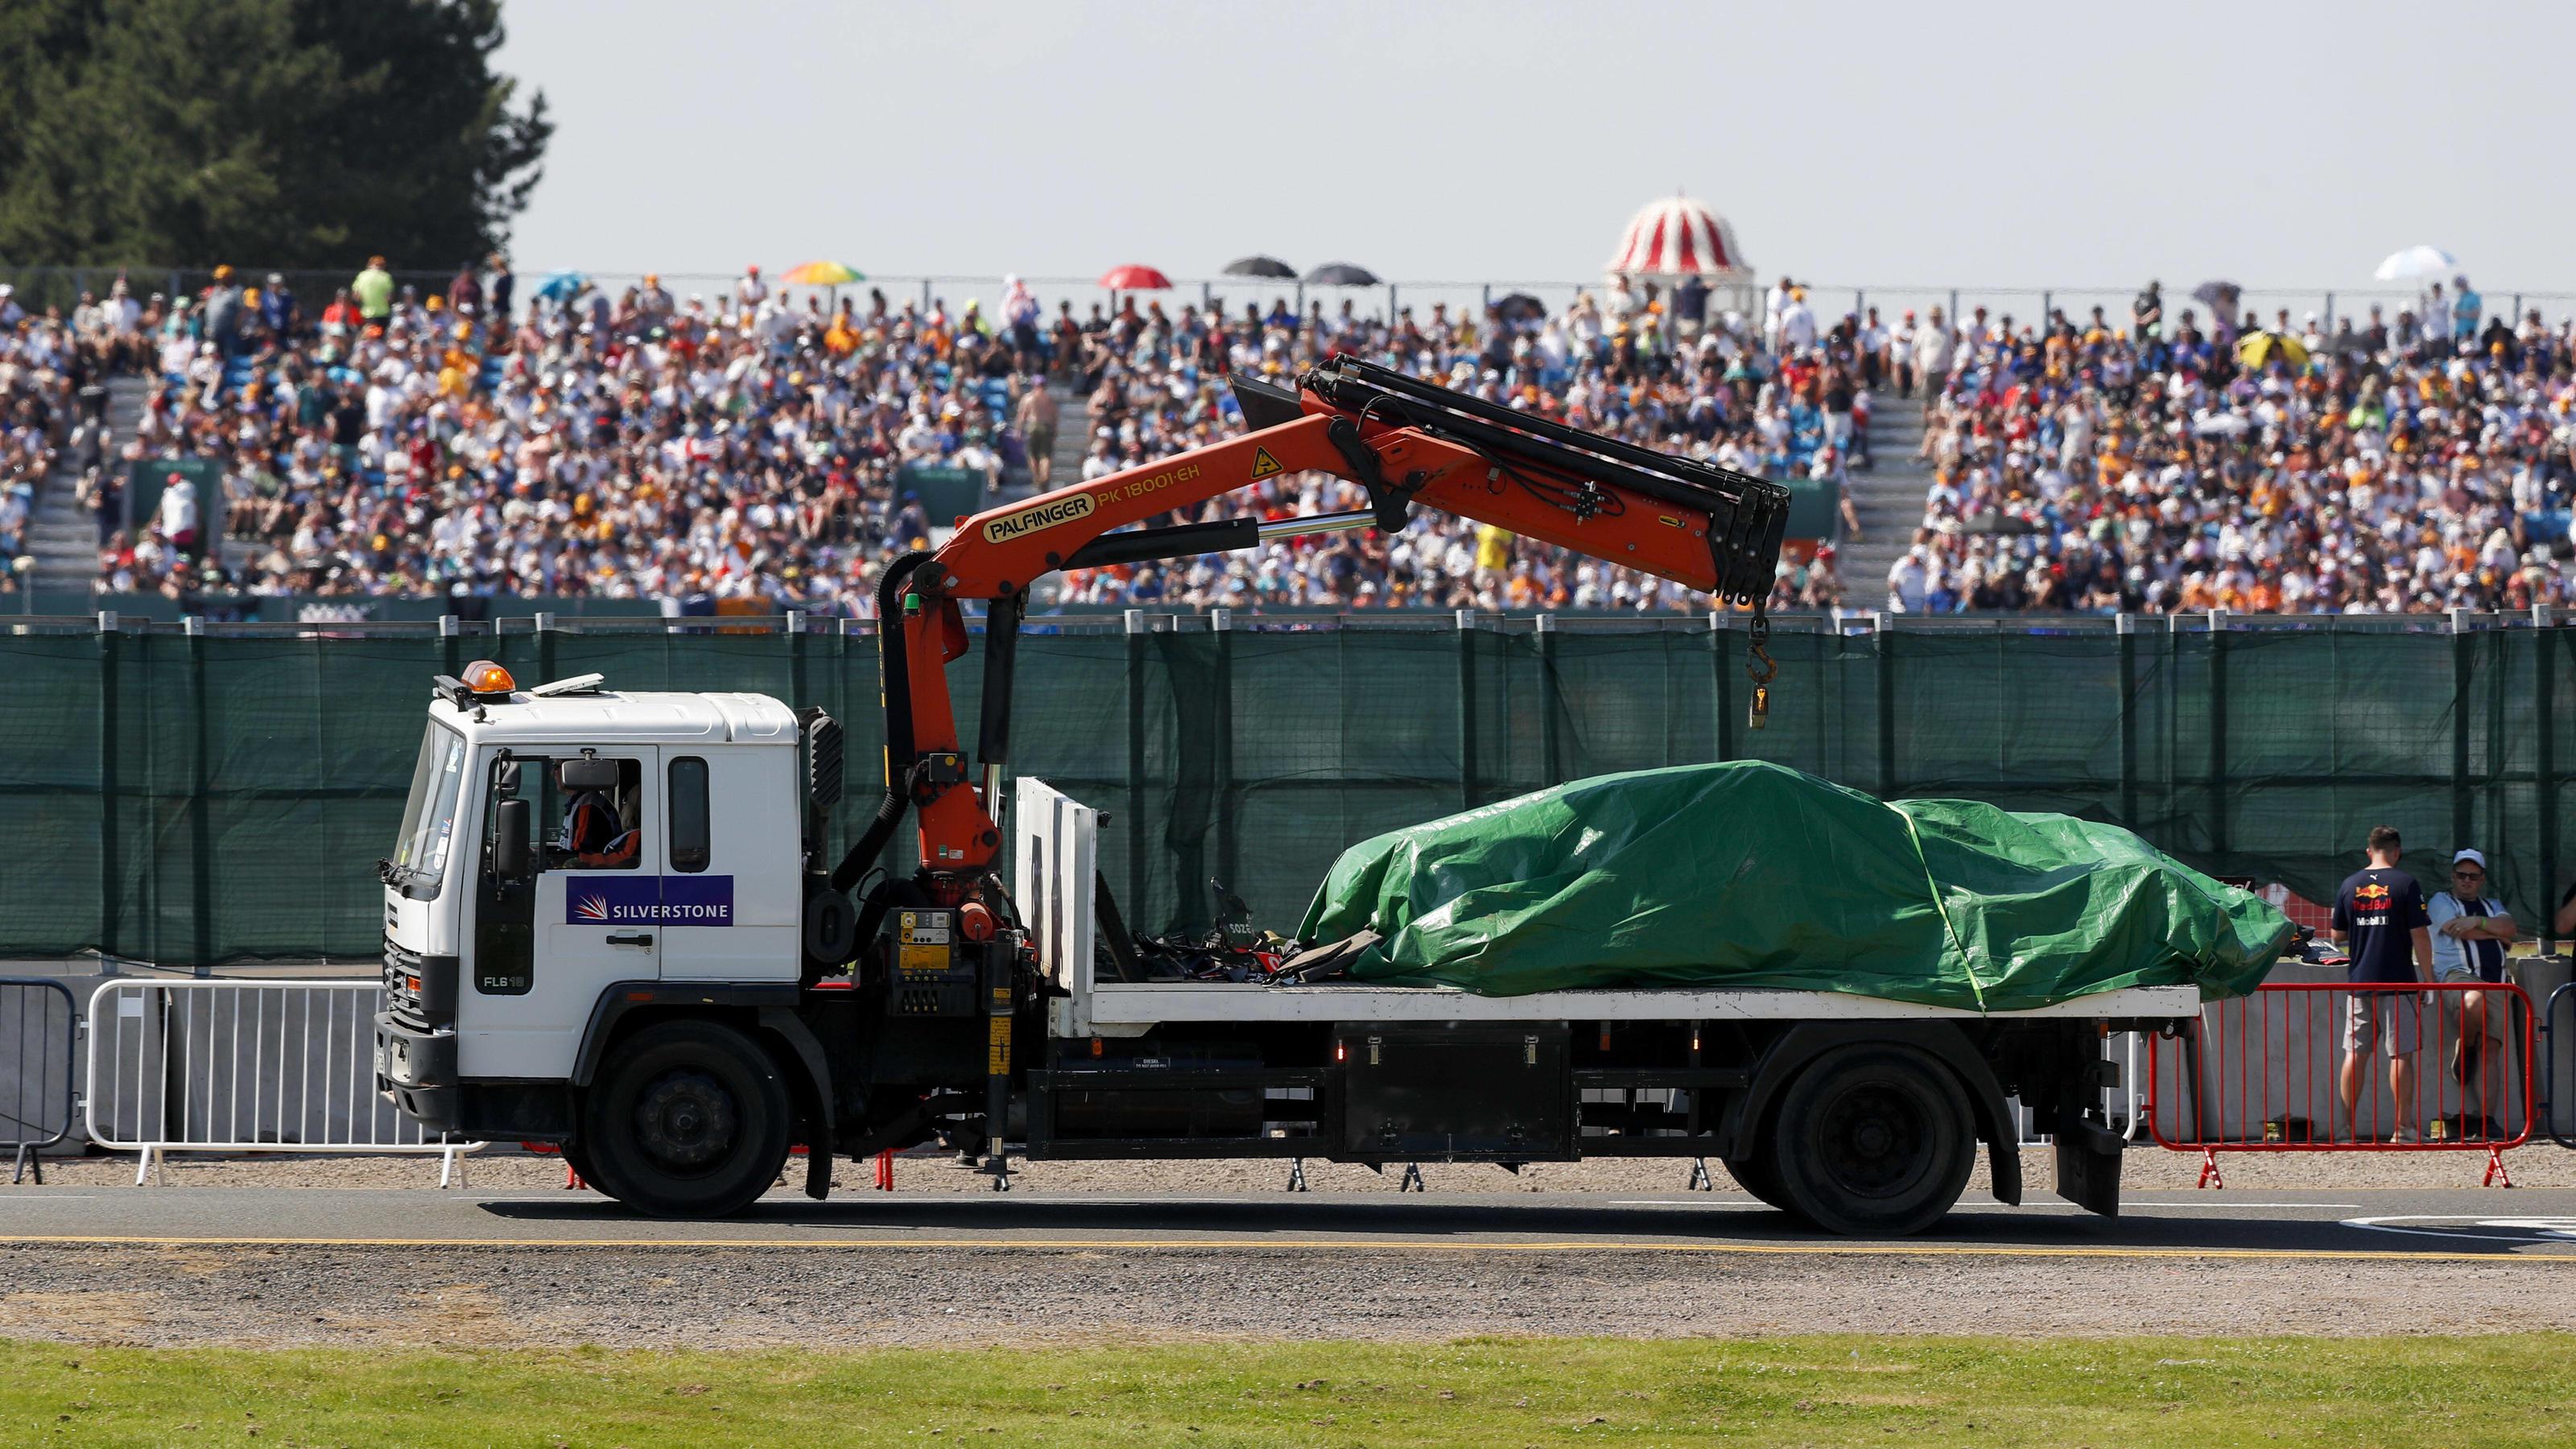 Formel 1: Lewis Hamilton schrottet Max Verstappens Auto - das kostet Red Bull der Mega-Crash